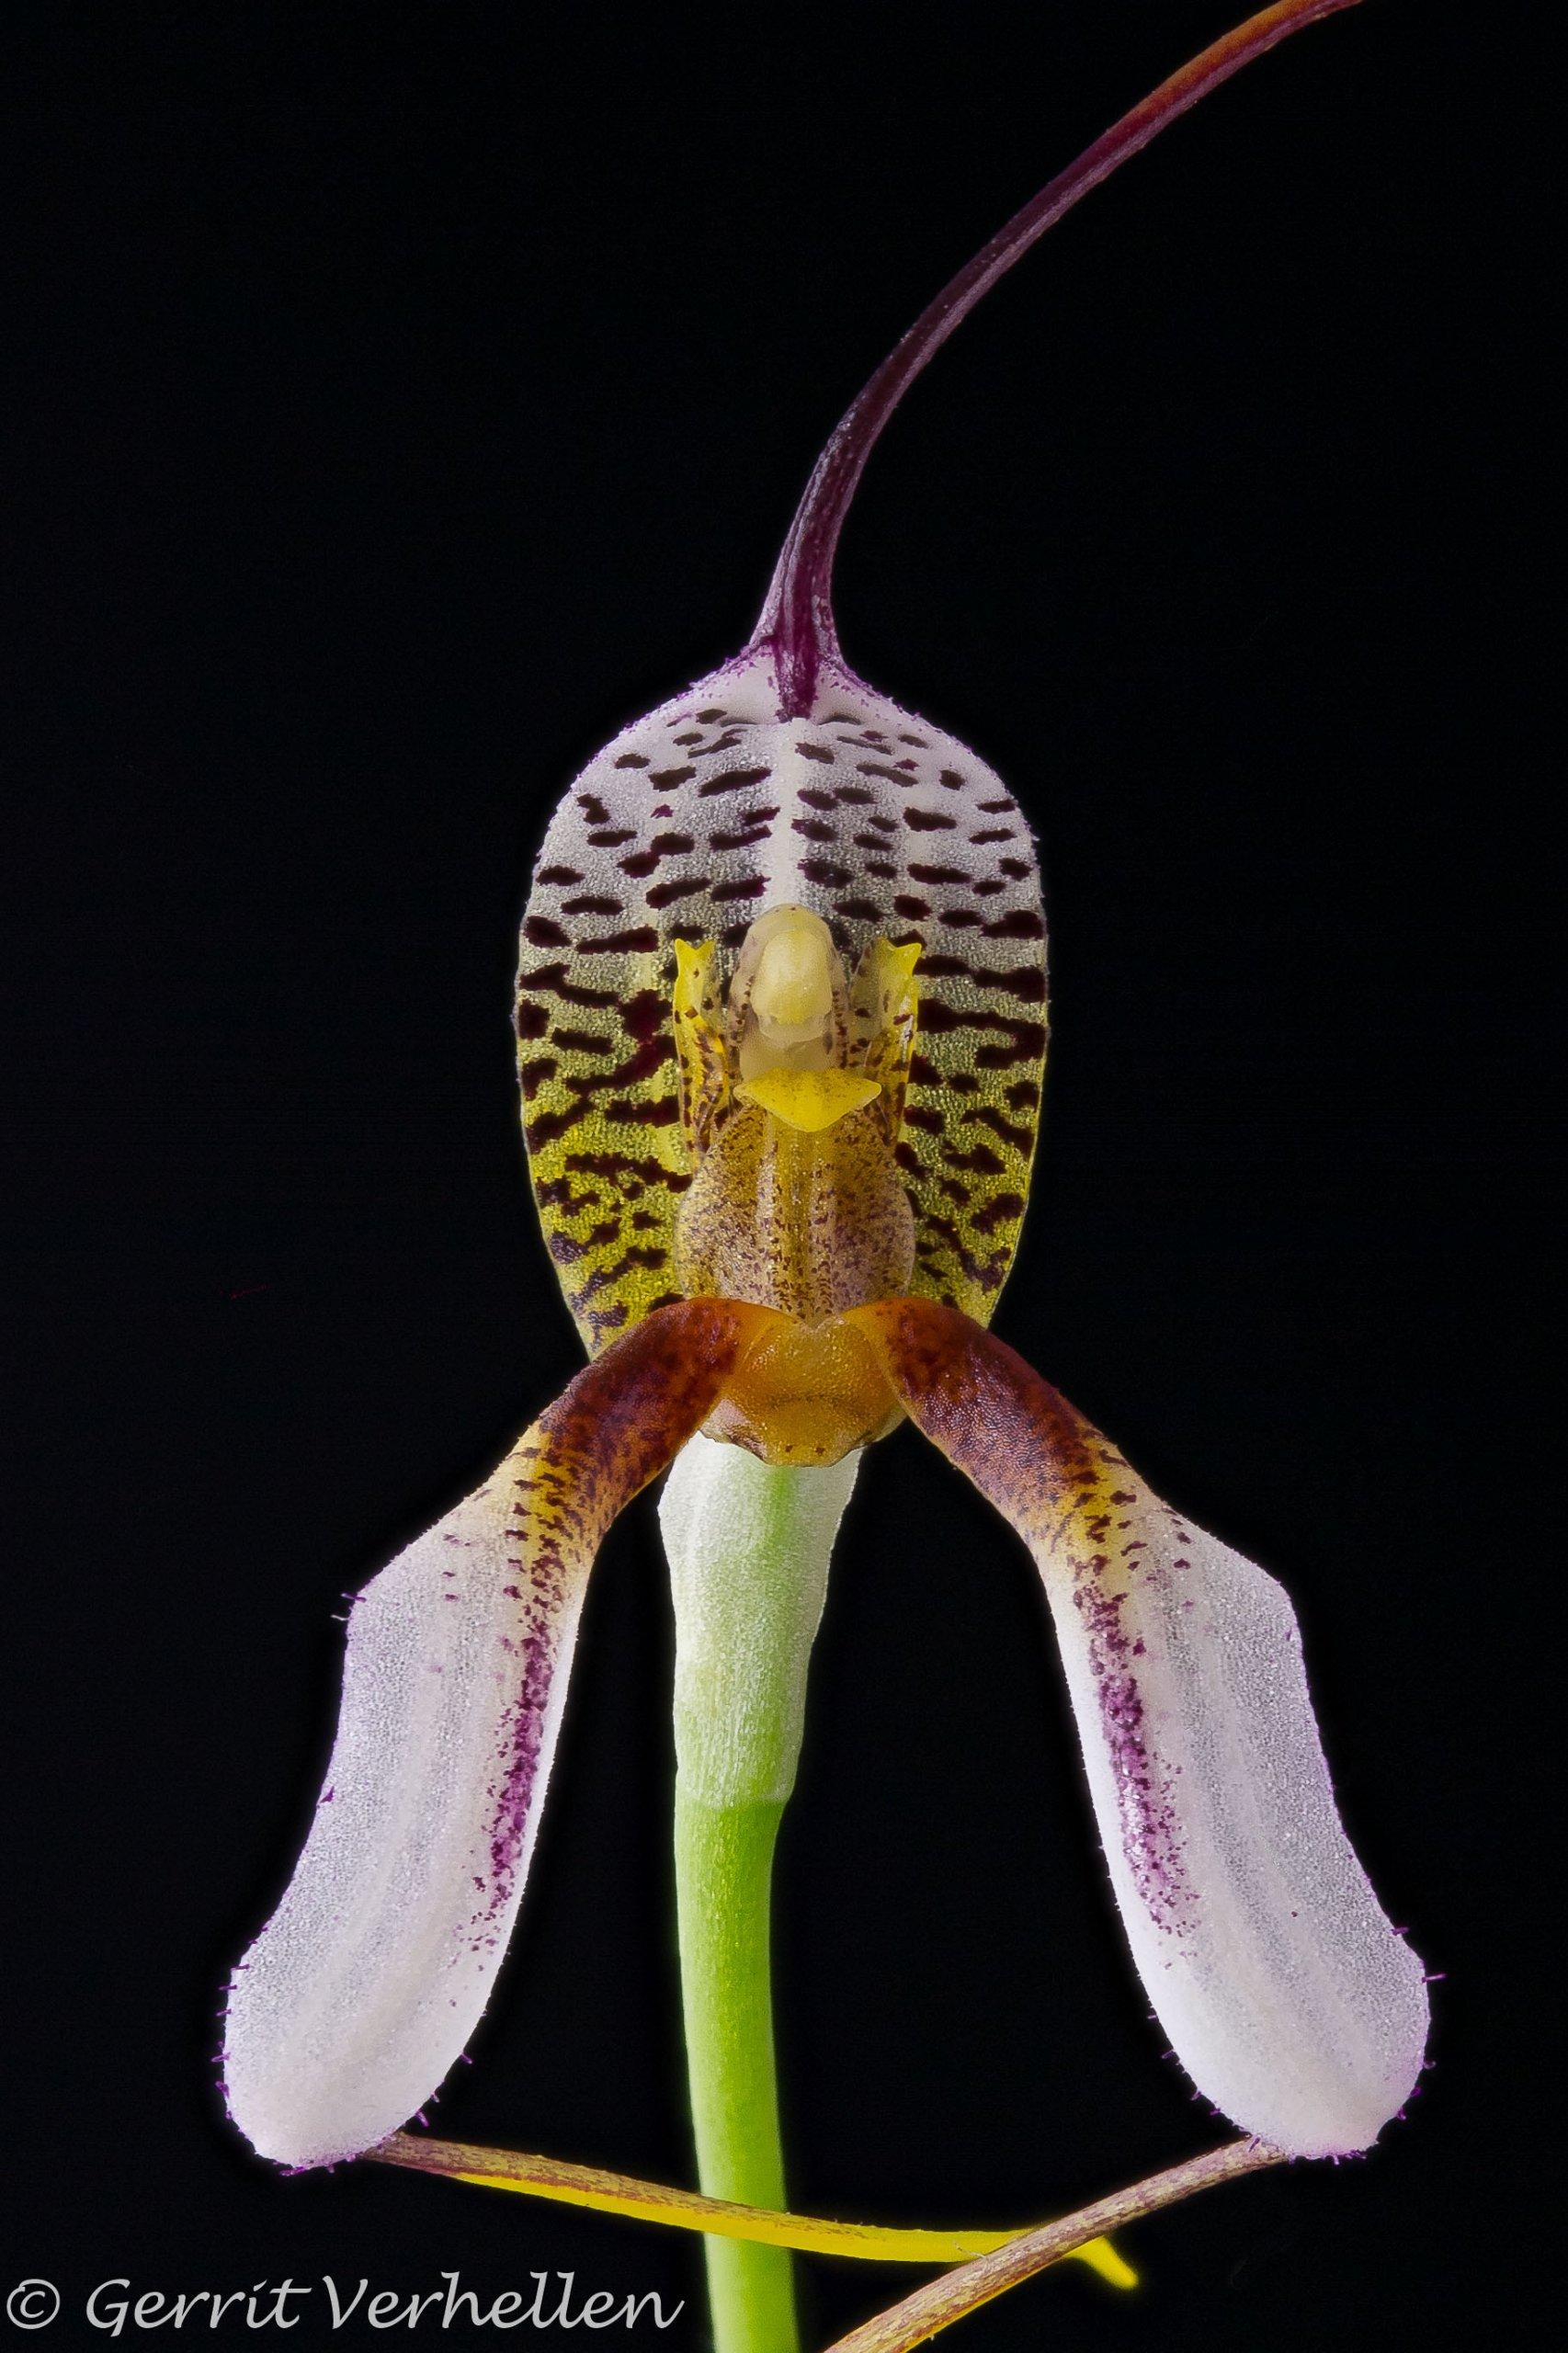 Masdevallia hortensis-210407-2-2.jpg